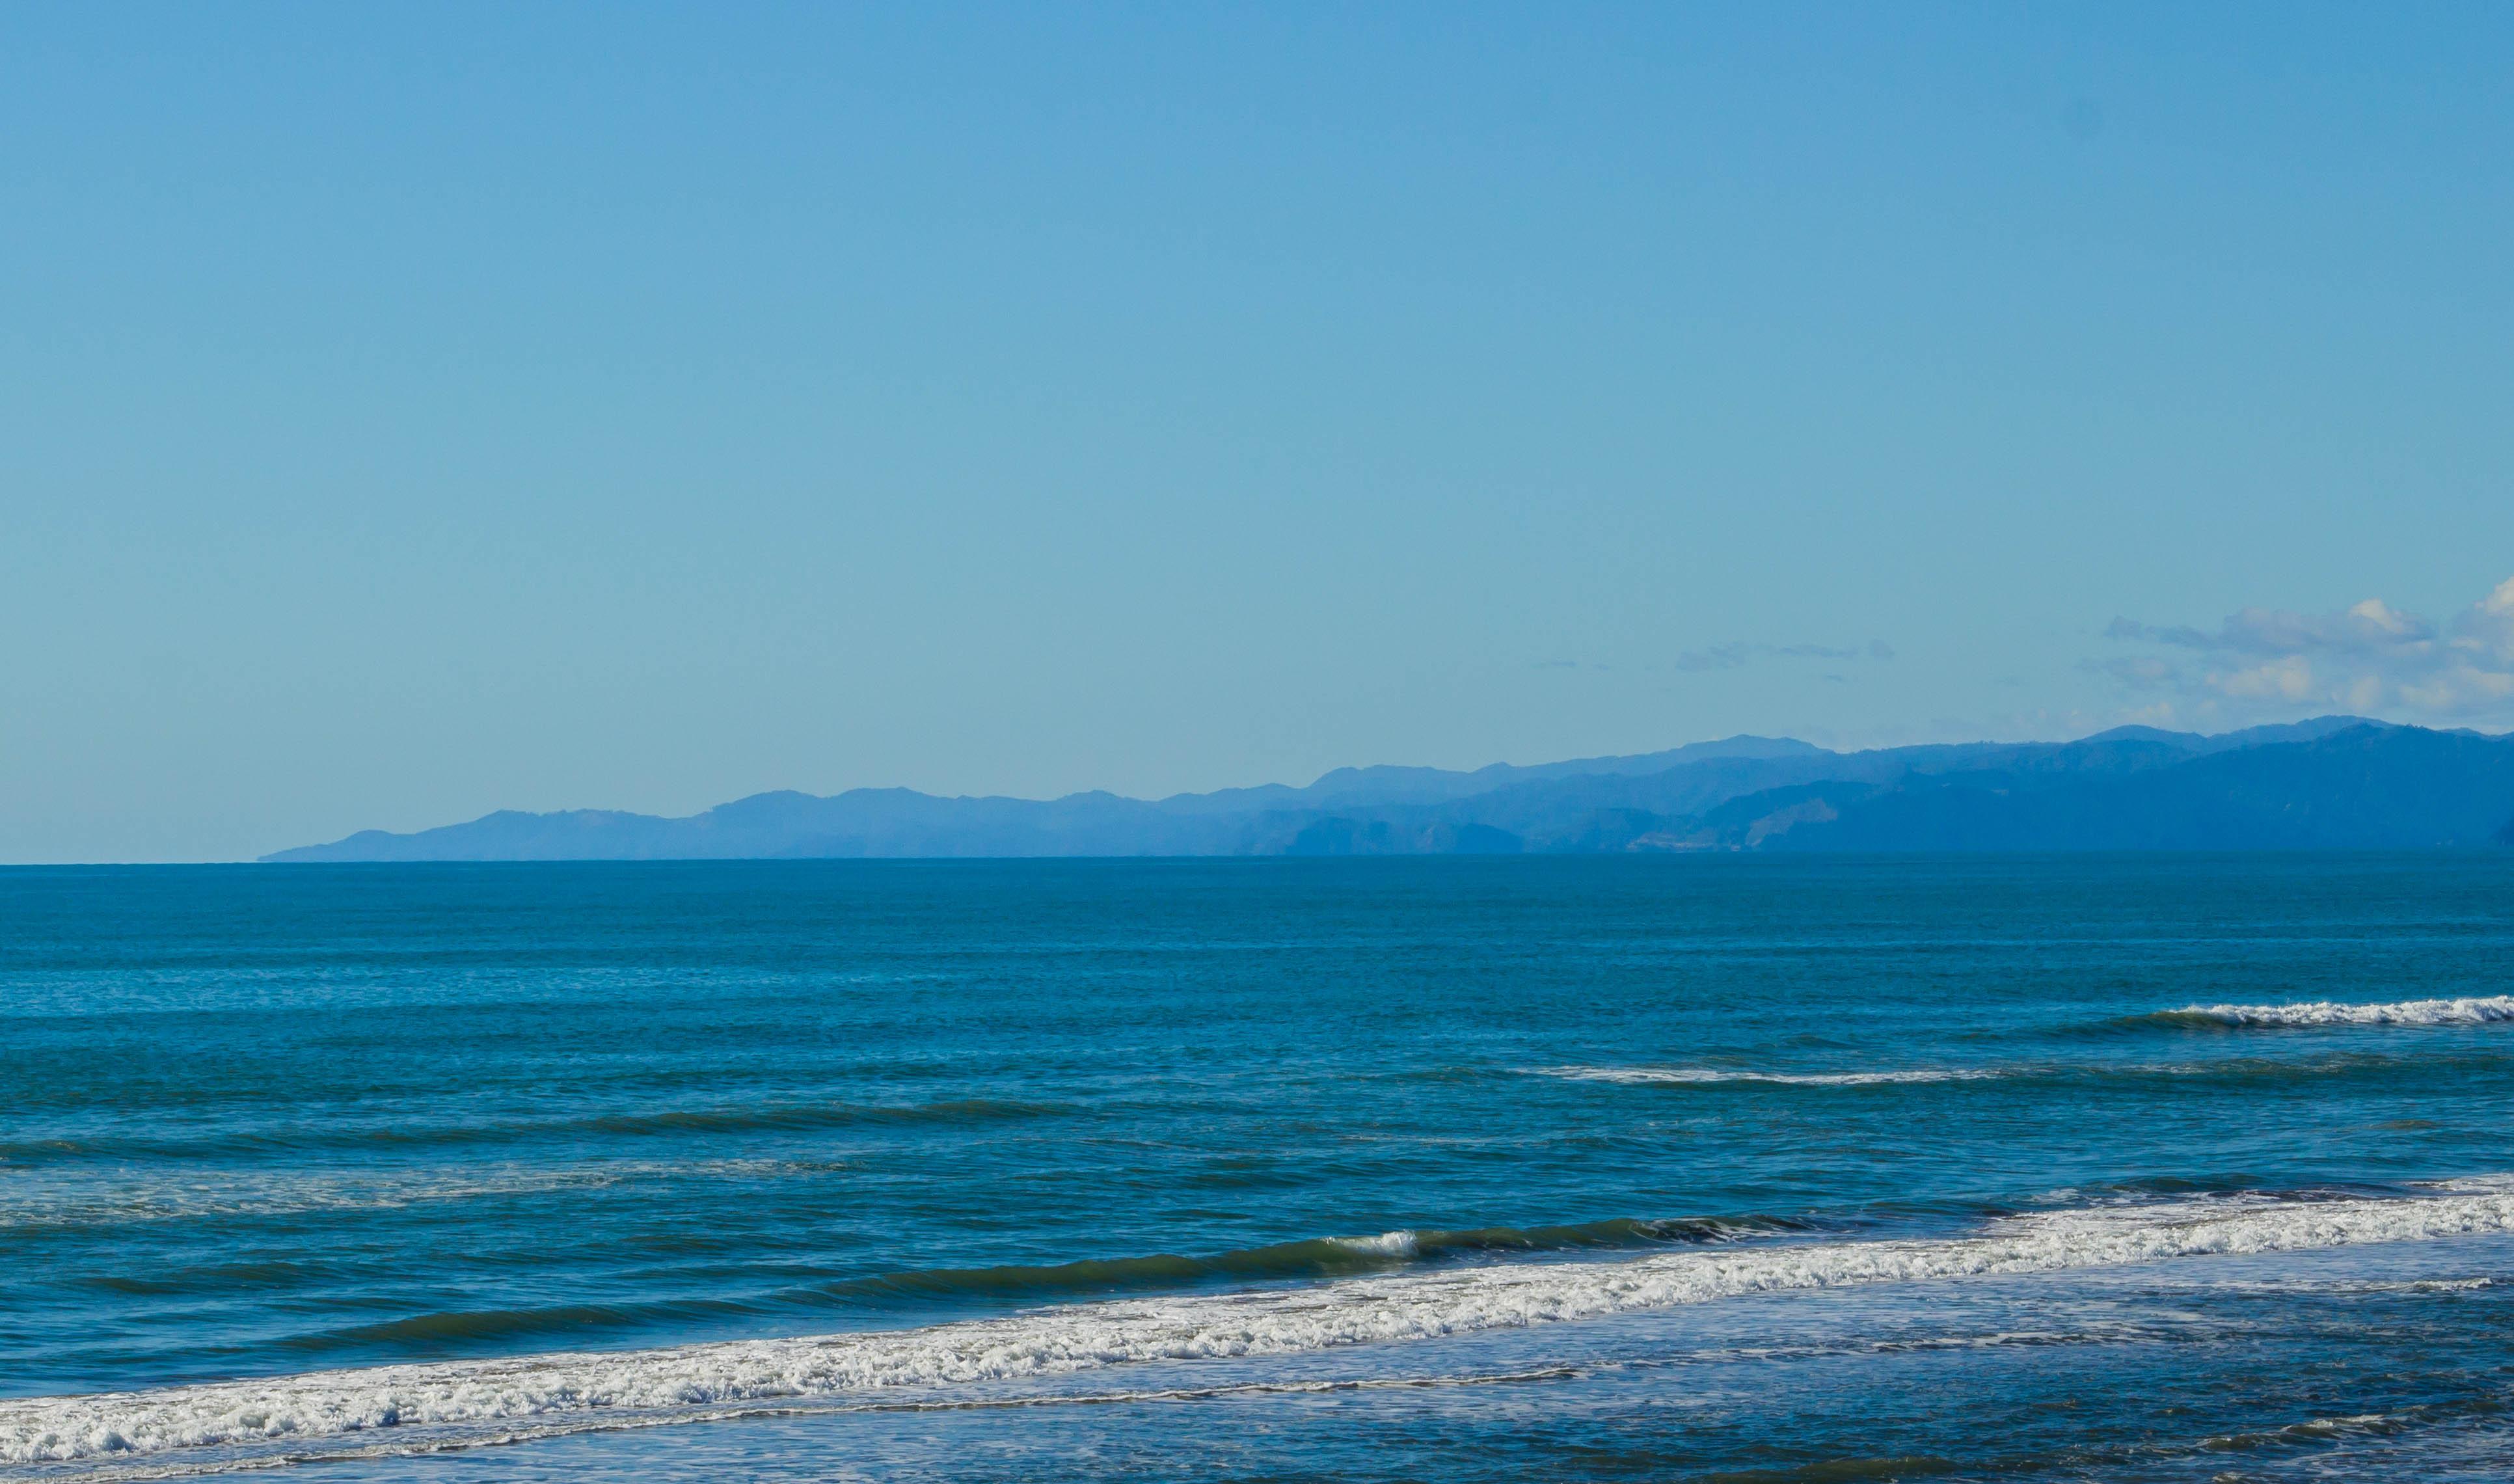 East Cape långt där borta.